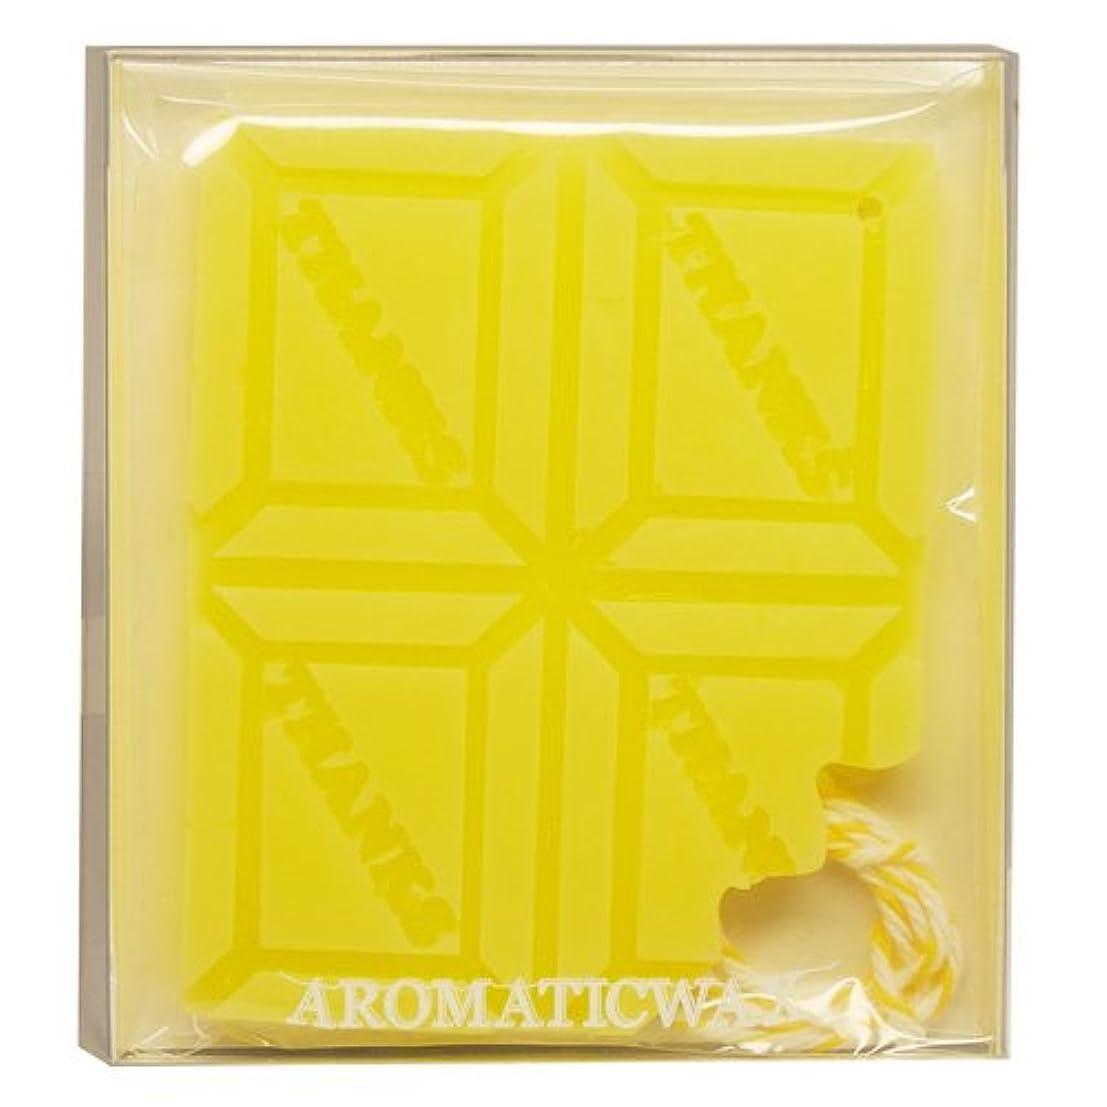 強いインフレーション誤解GRASSE TOKYO AROMATICWAXチャーム「板チョコ(THANKS)」(YE) ベルガモット アロマティックワックス グラーストウキョウ